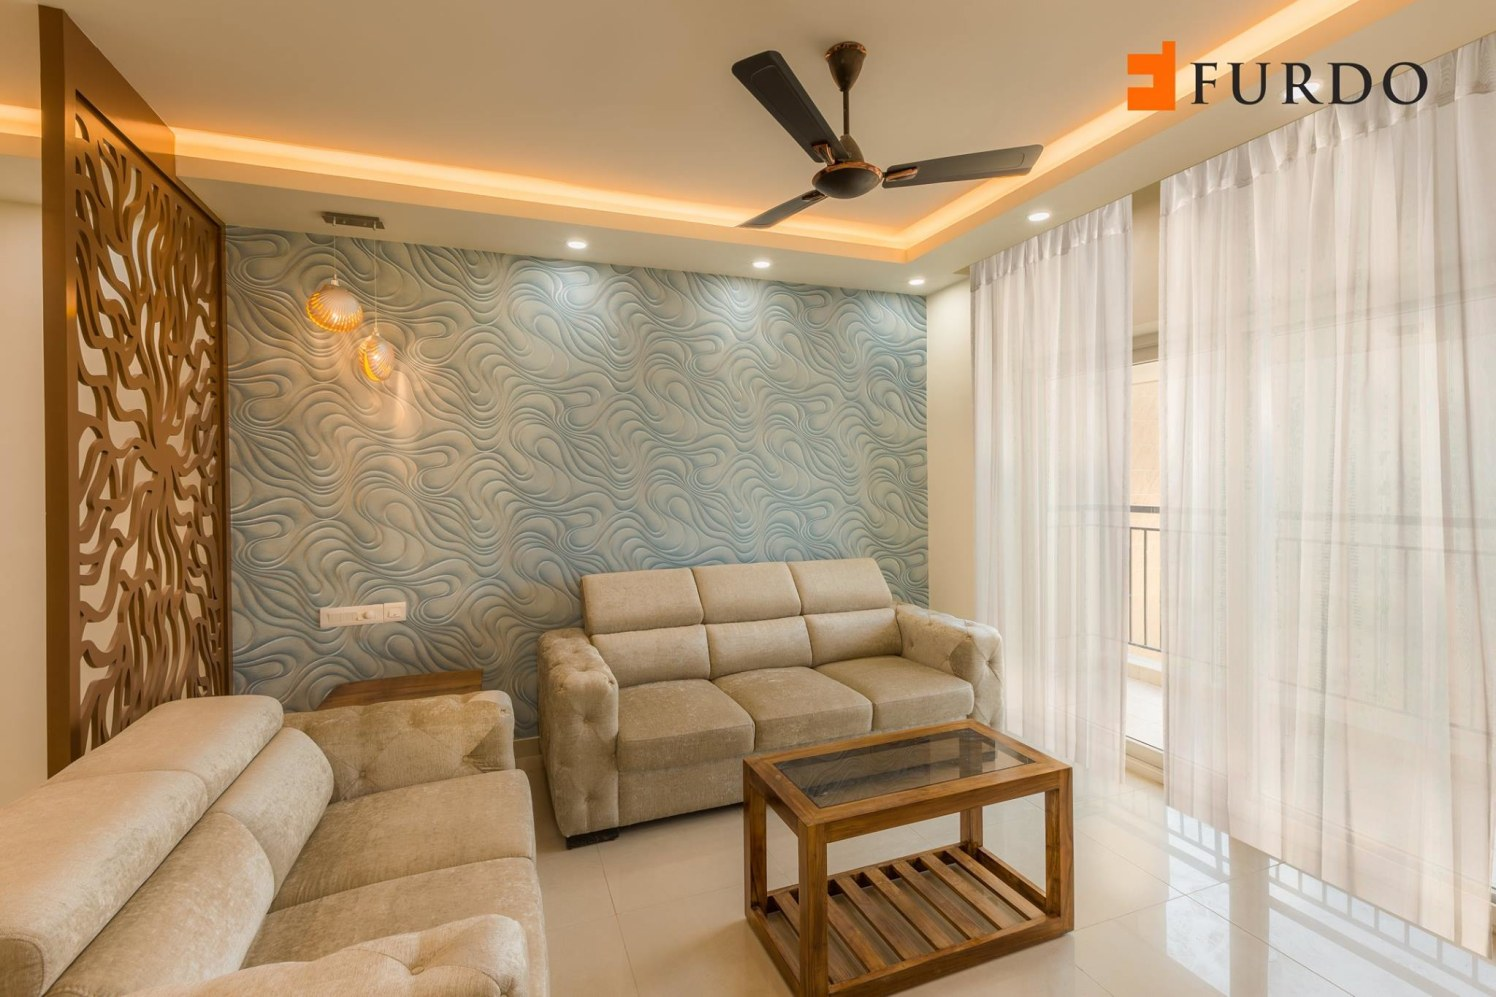 Living Room With Amazing Wall Art by Furdo.com Living-room Contemporary | Interior Design Photos & Ideas